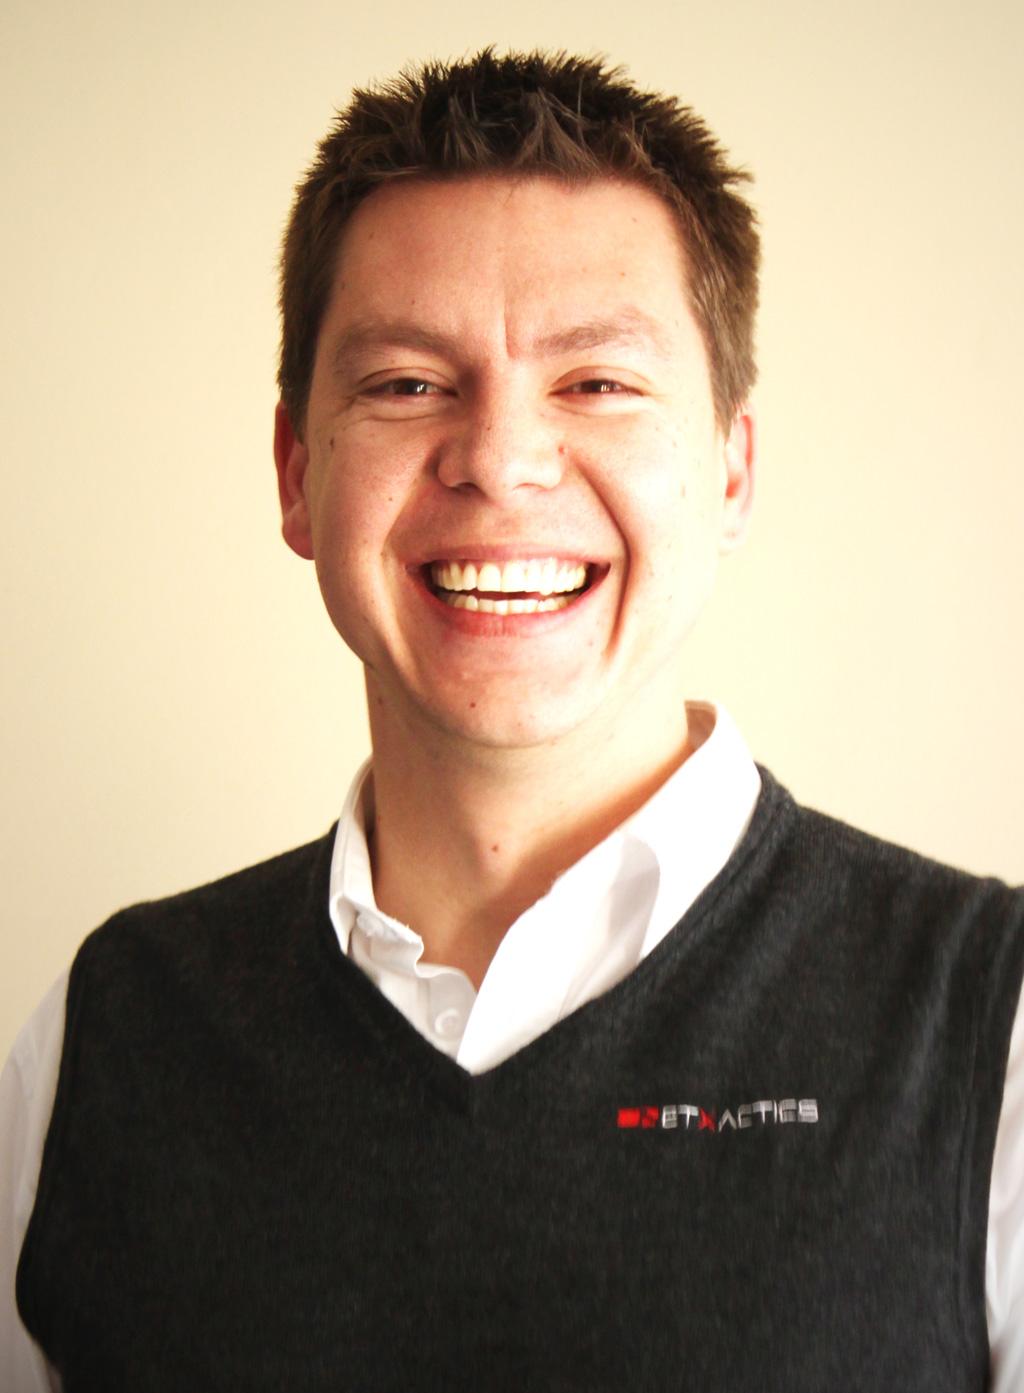 Cornel Swart CEO of NetXactics,